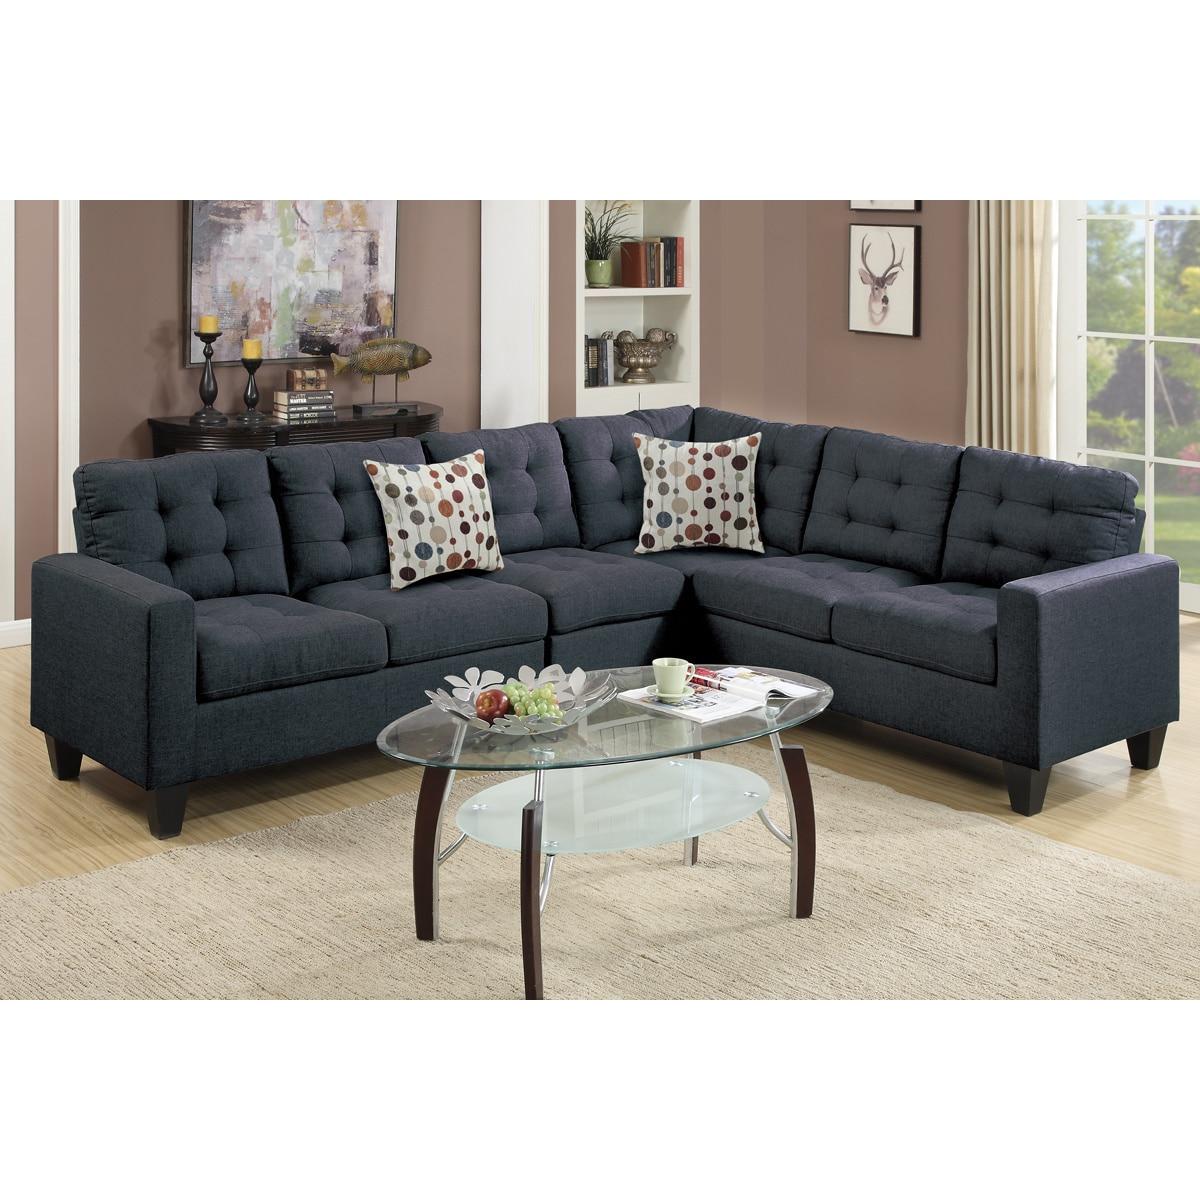 Outstanding Linen Like Upholstered 4 Piece Left Or Right Hand Sectional Sofa Set Short Links Chair Design For Home Short Linksinfo